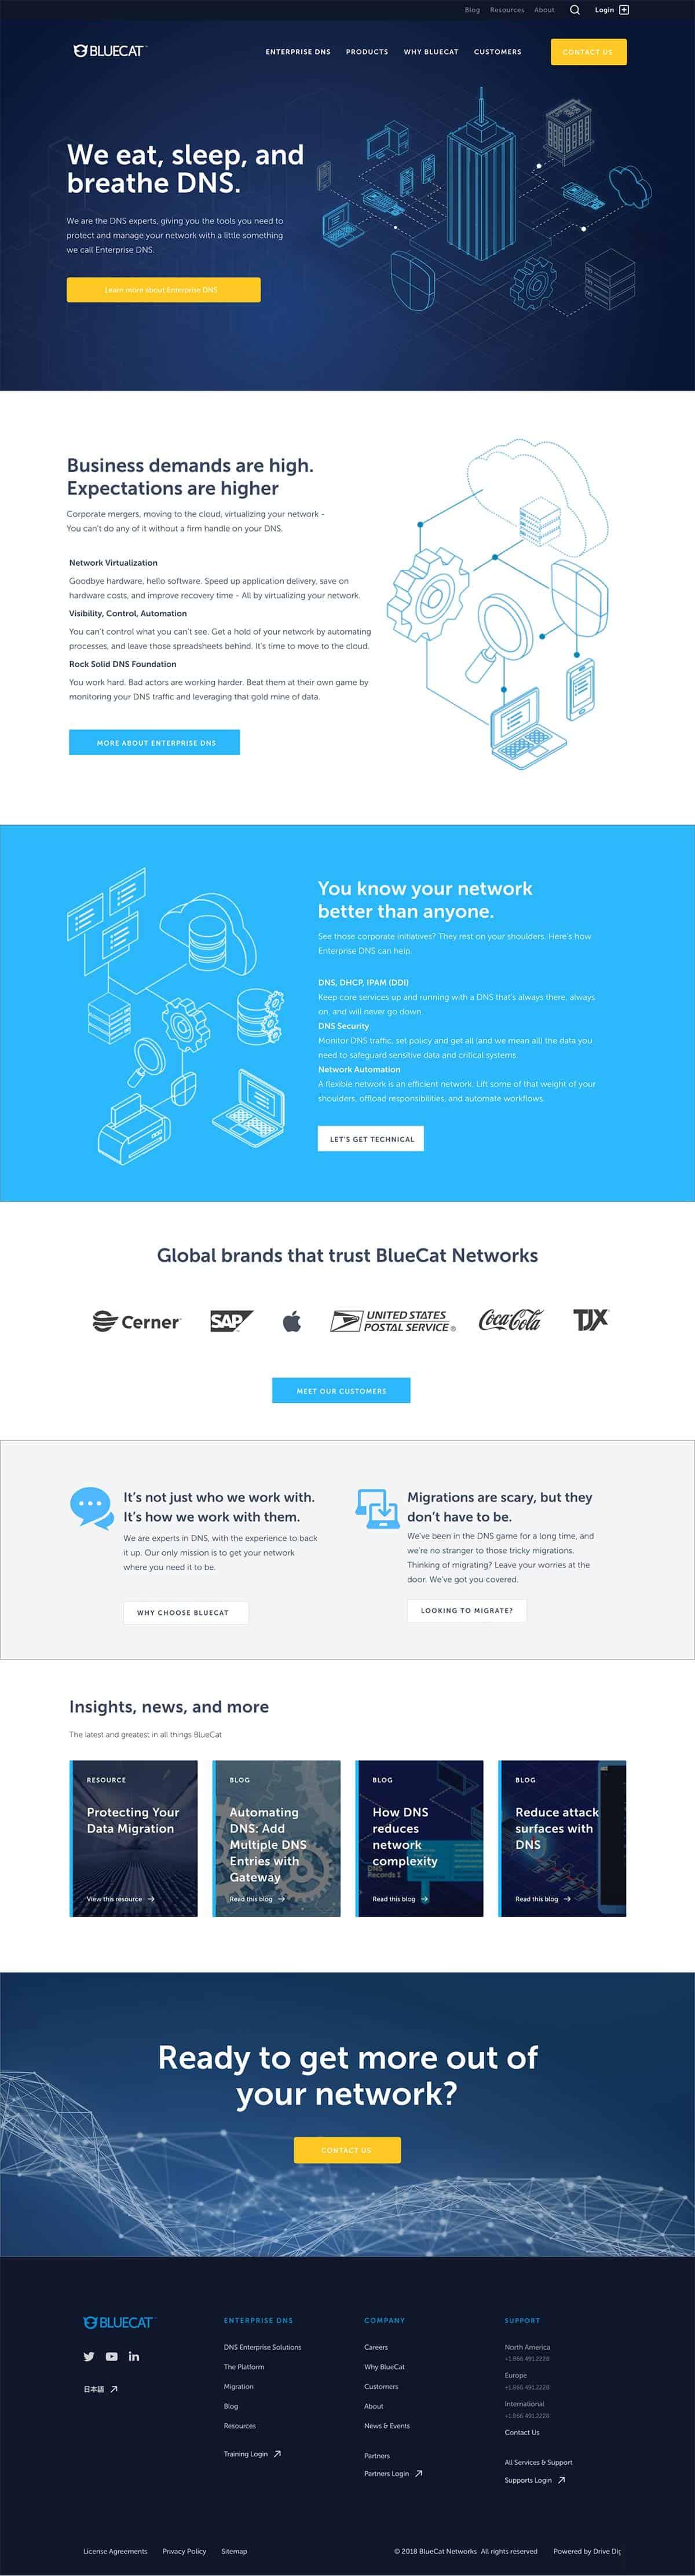 bluecat website design - Home Screen